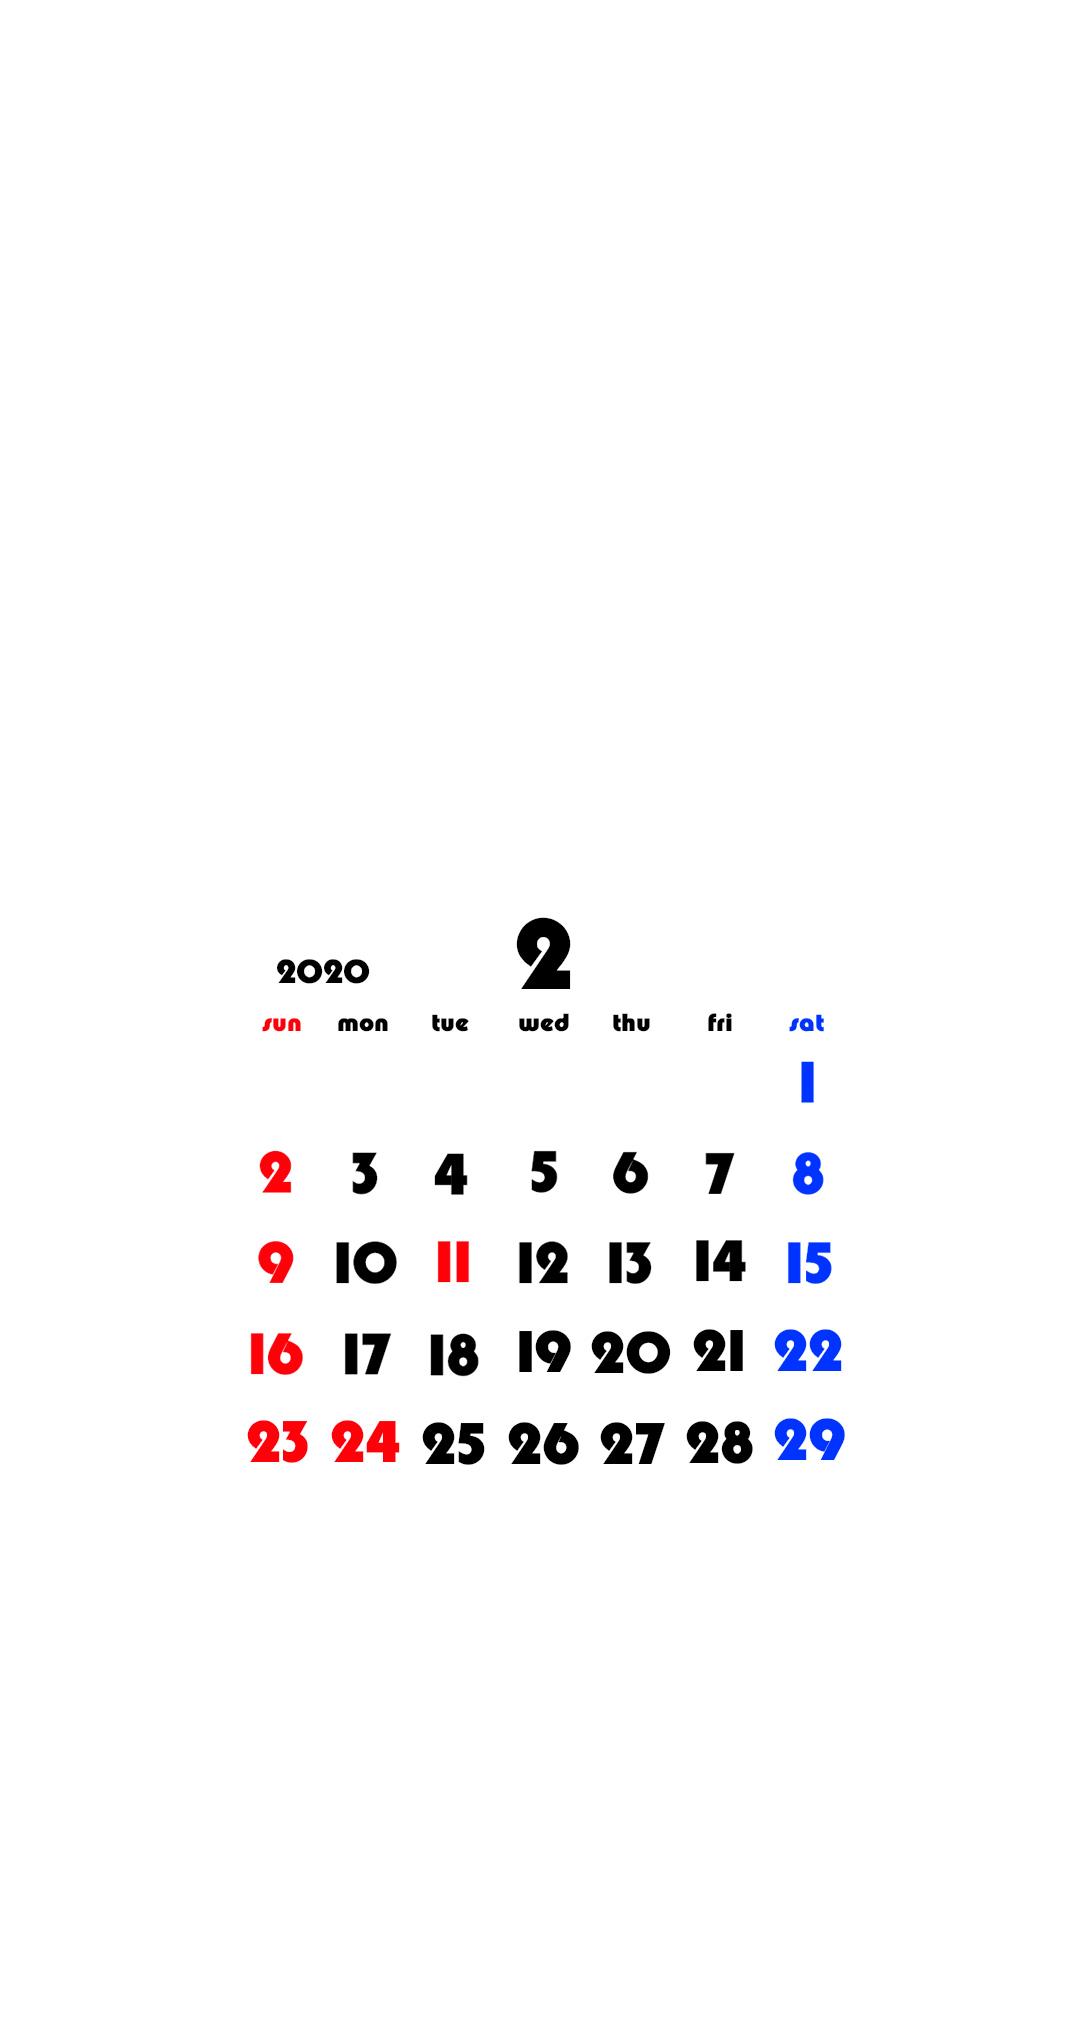 スマホ壁紙 2020年2月用待ち受けカレンダー 無料ダウンロード かく